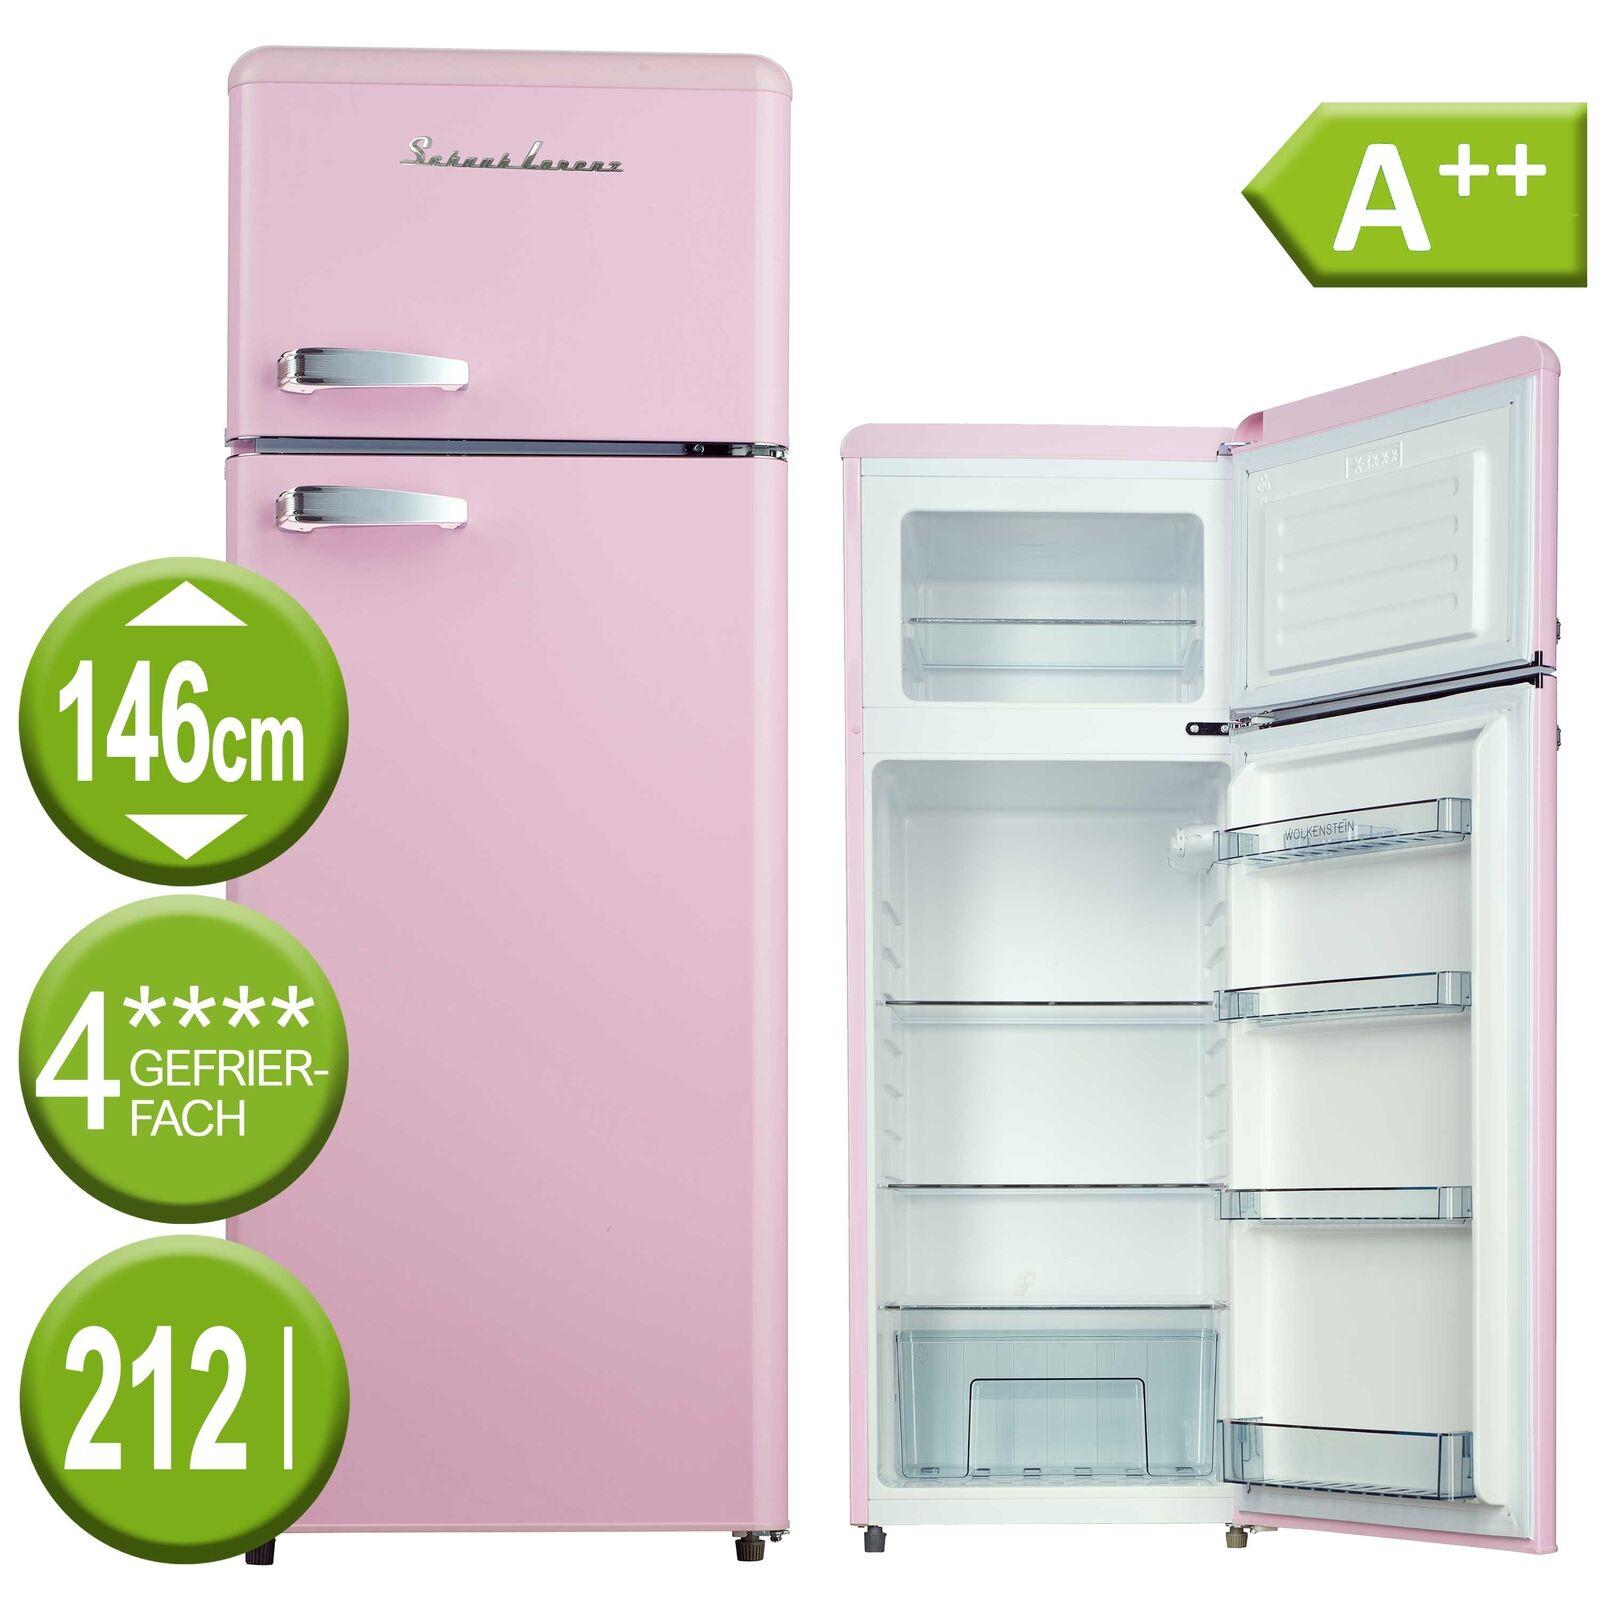 Kühl Gefrierkombination A++ Kühlschrank freistehend Retro pink Schaub Lorenz NEU